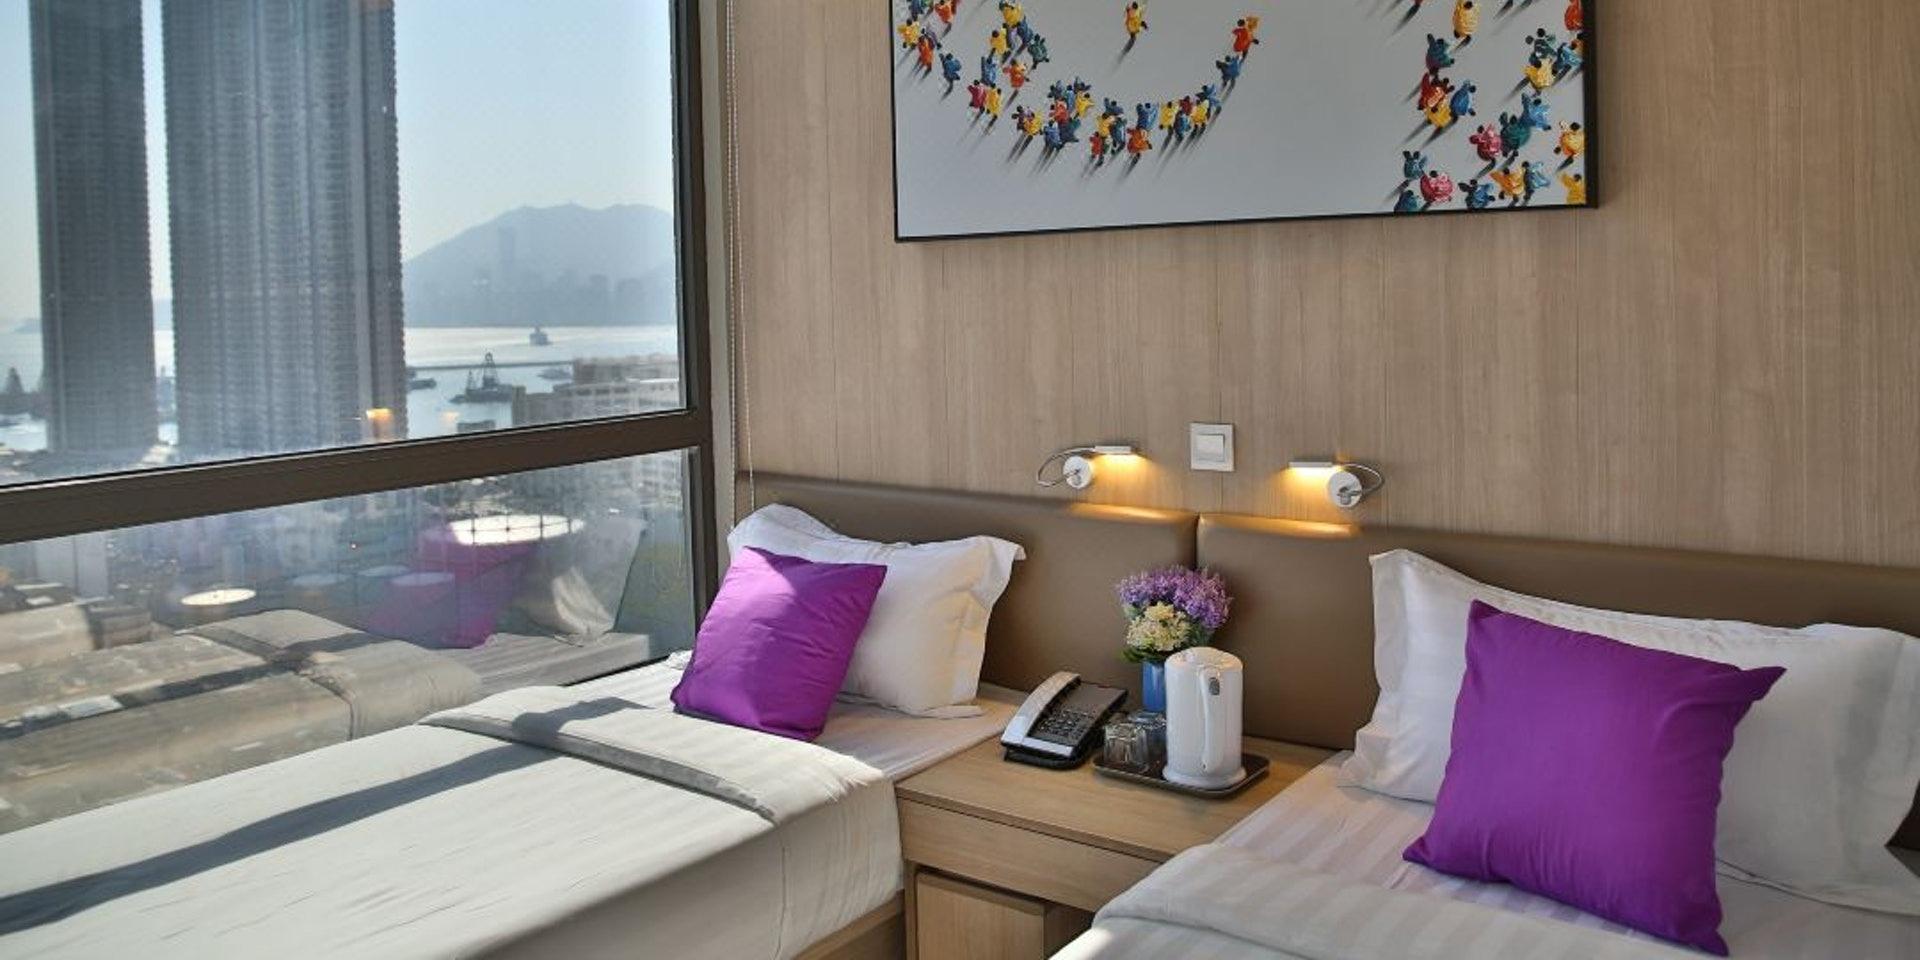 樂善堂土瓜灣推酒店式過渡屋提供161間房 即日起可申請